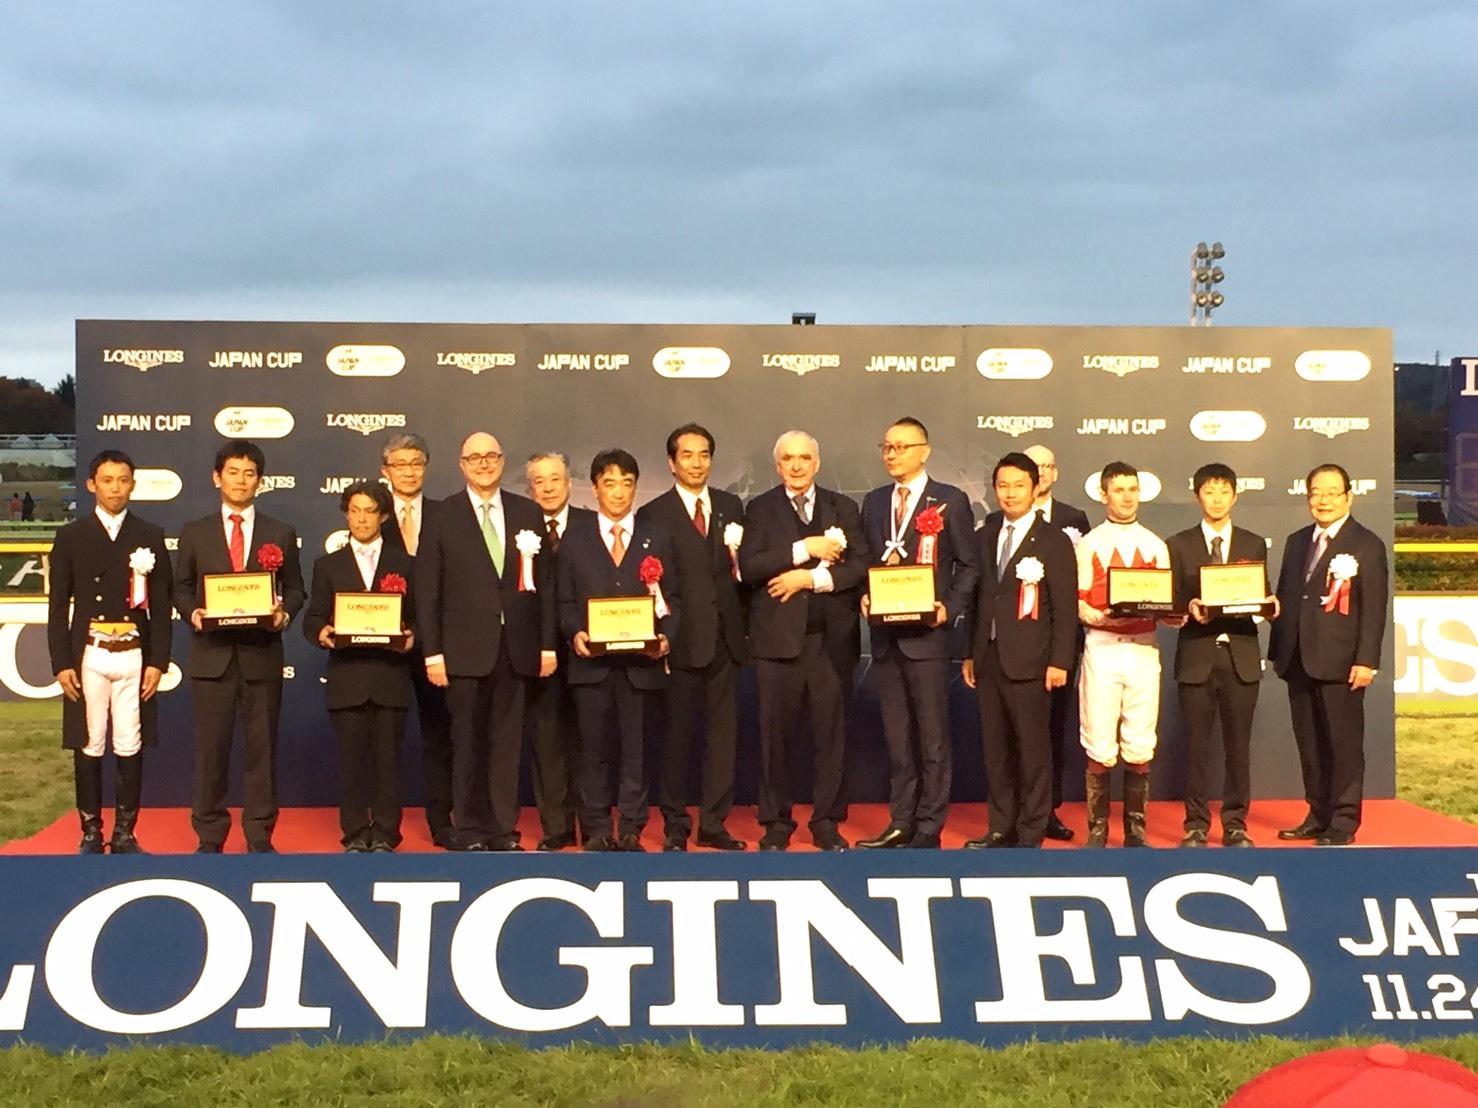 ジャパンカップ表彰式_a0143152_21414136.jpeg